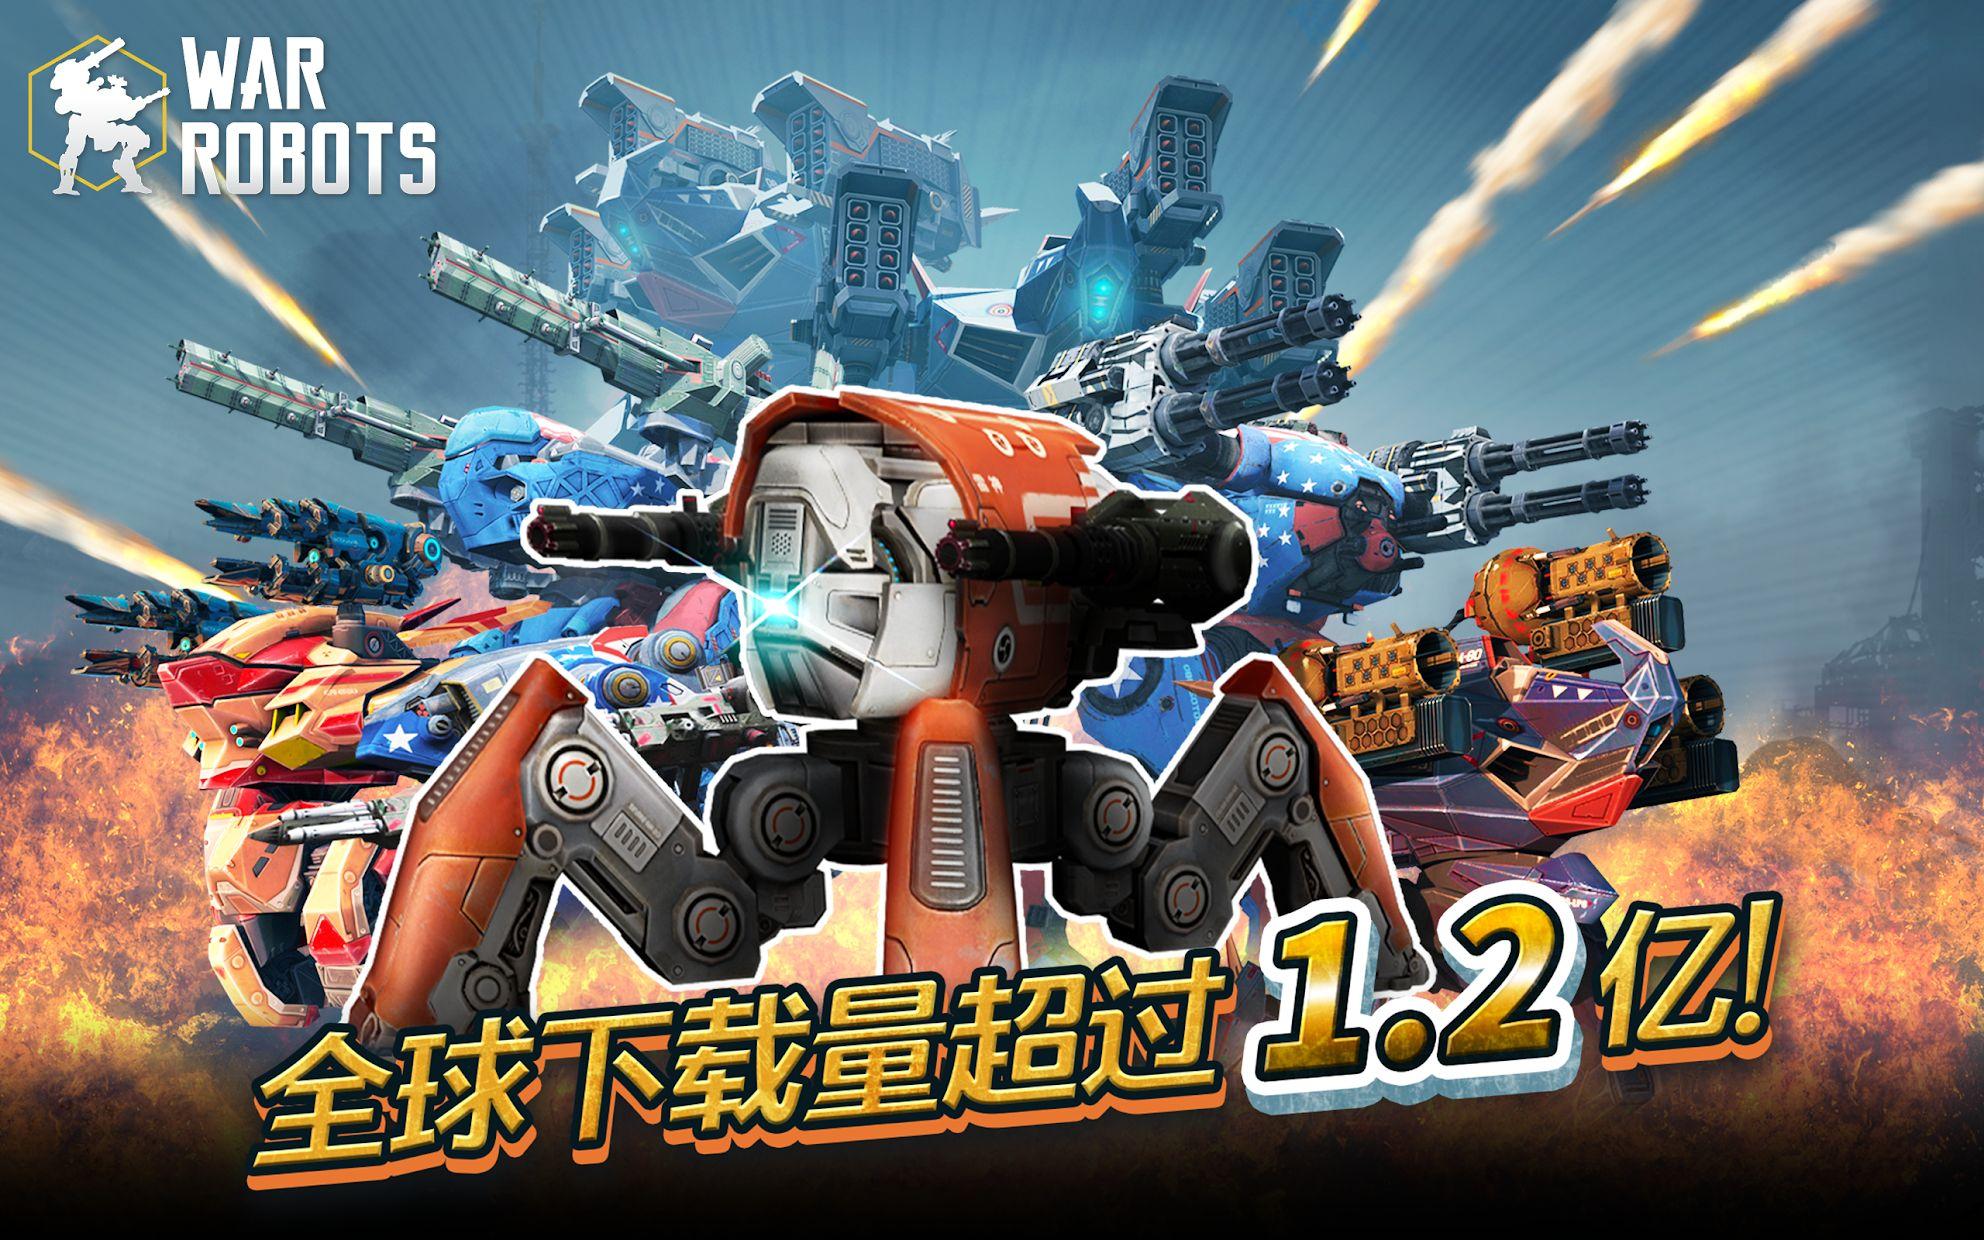 机甲战队《机器人战争 War Robots》 游戏截图2